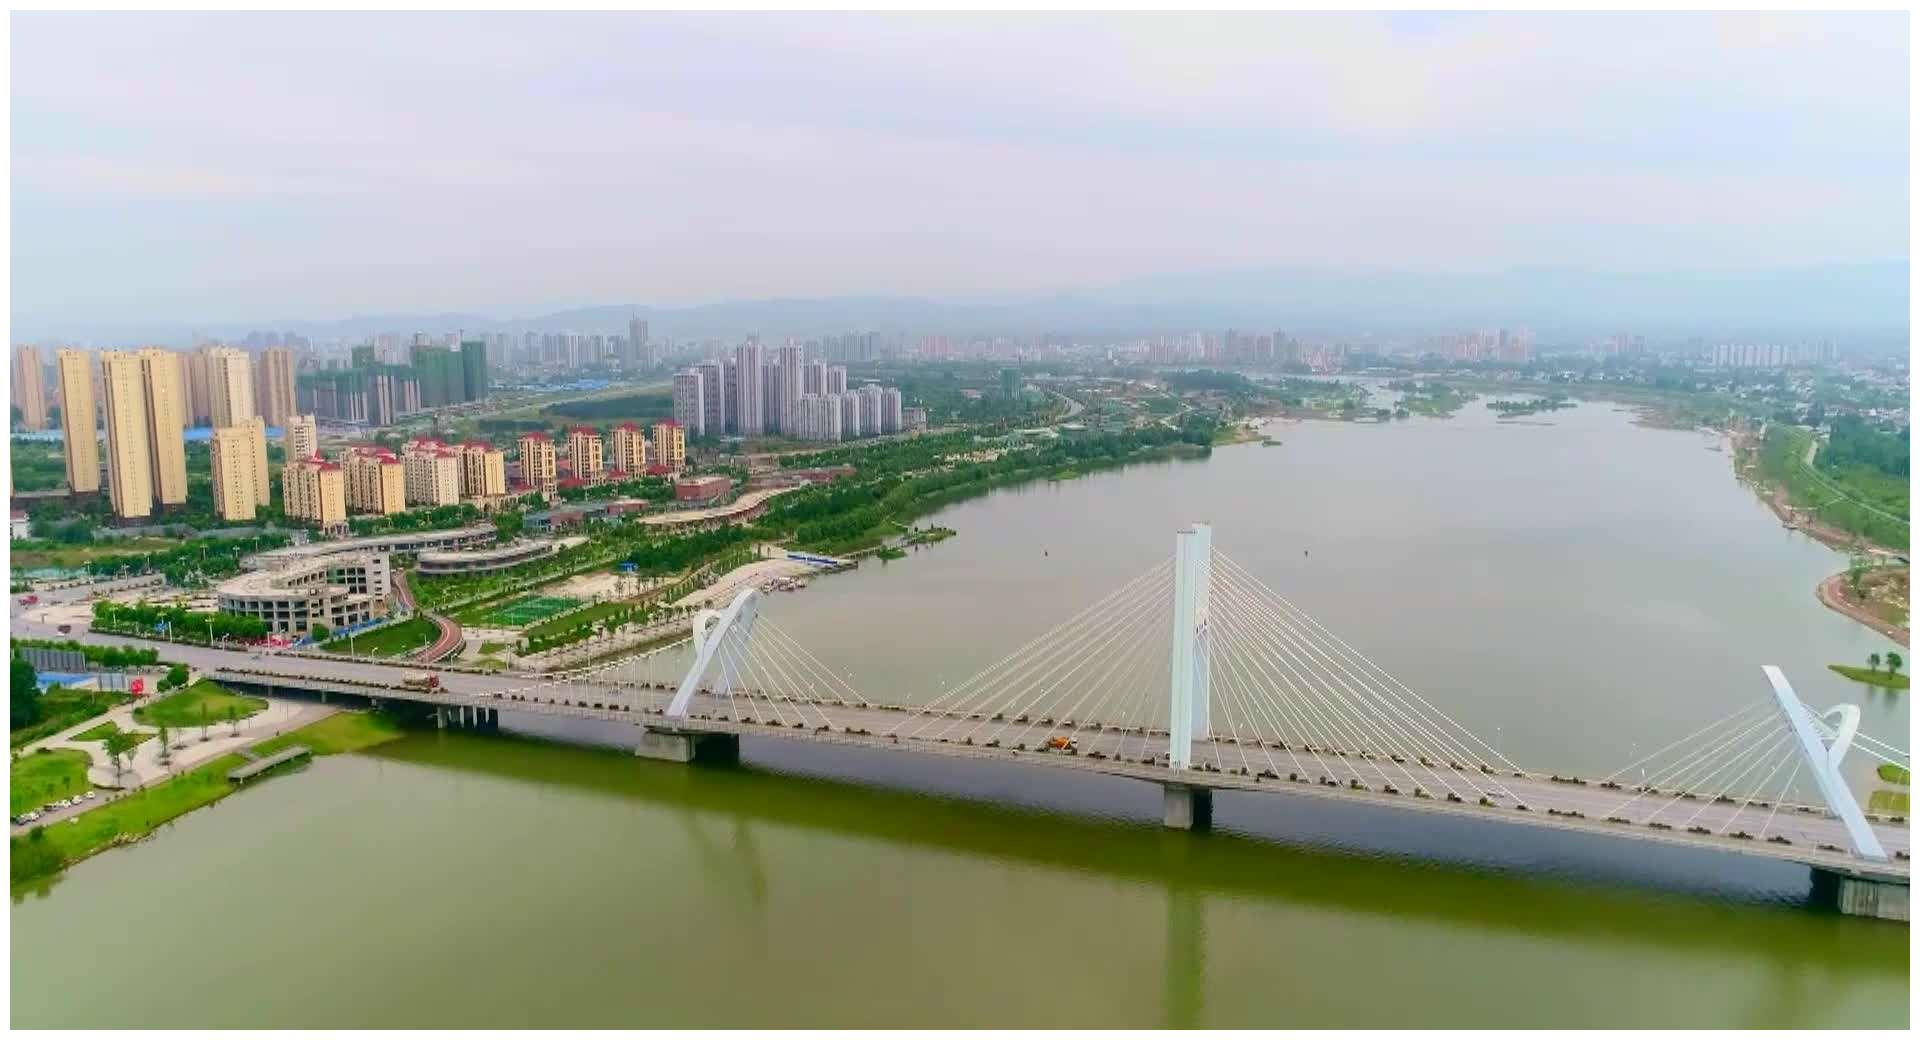 陕西境内生活最舒适的城市,西安、咸阳落选,不是榆林也不是渭南